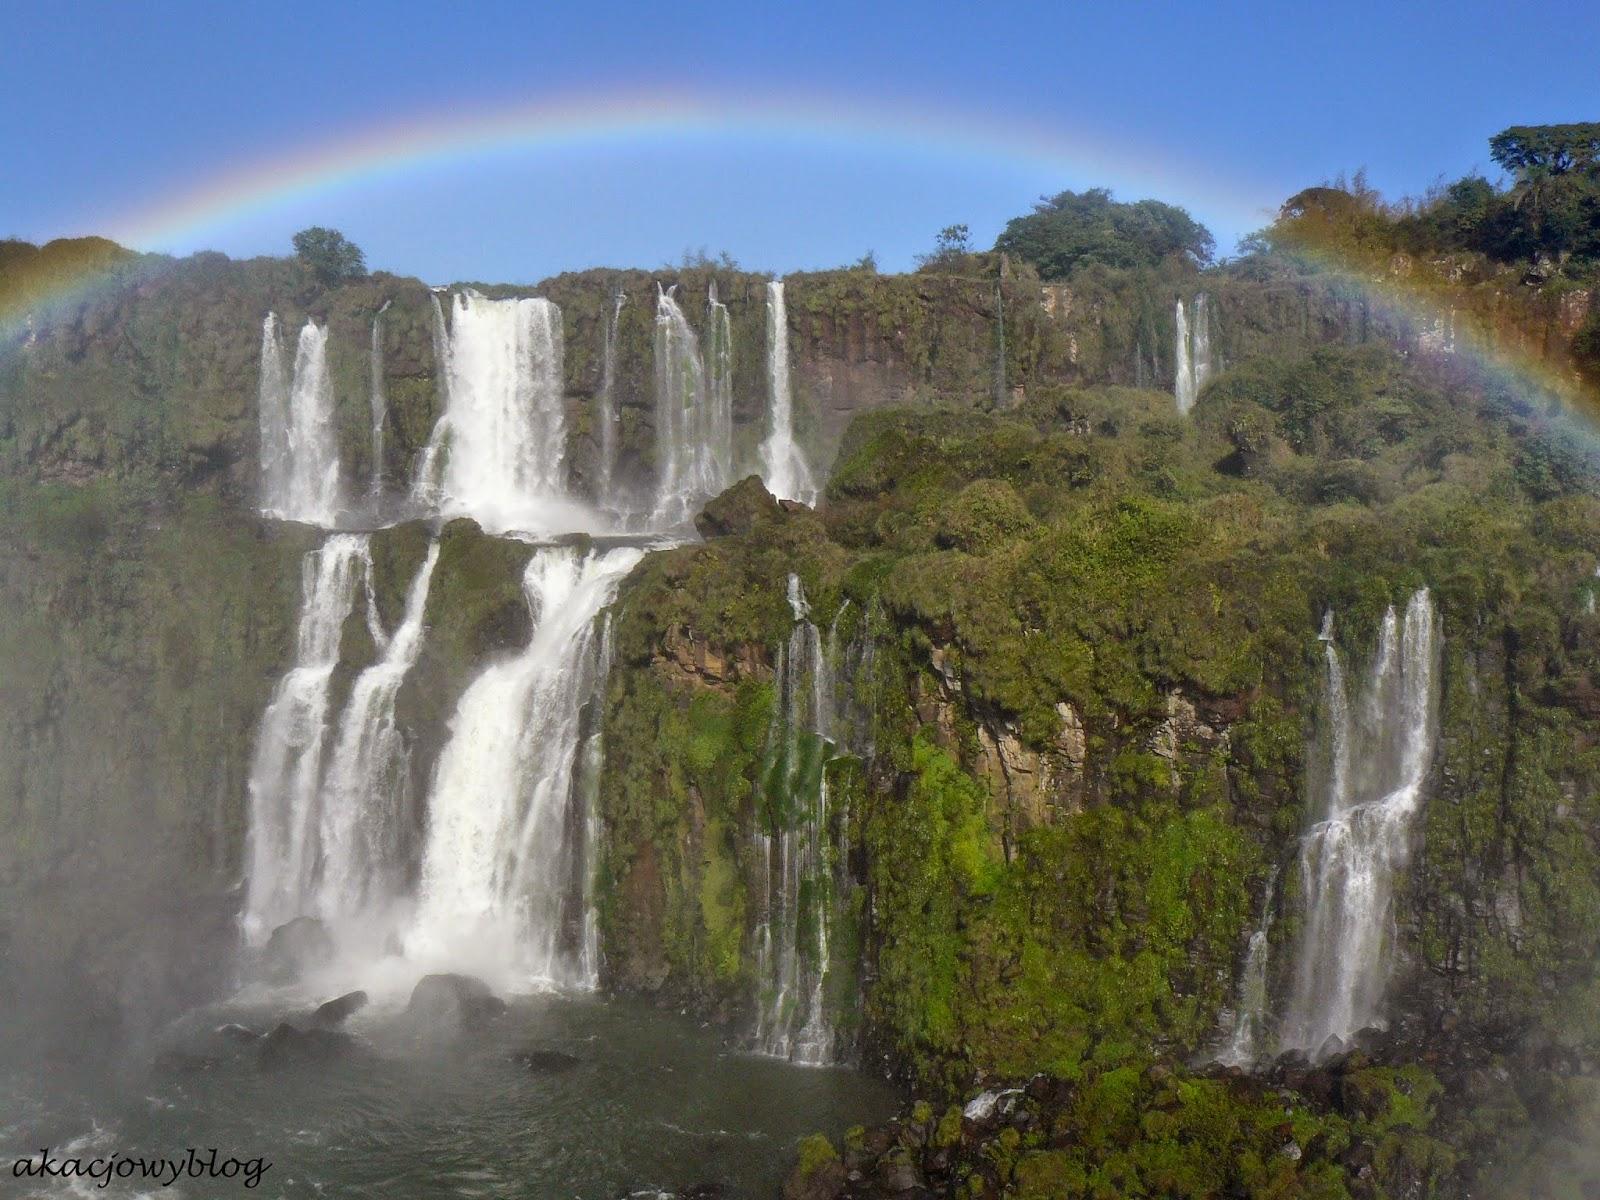 W krainie Guarani. Wodospady Iguaçu.